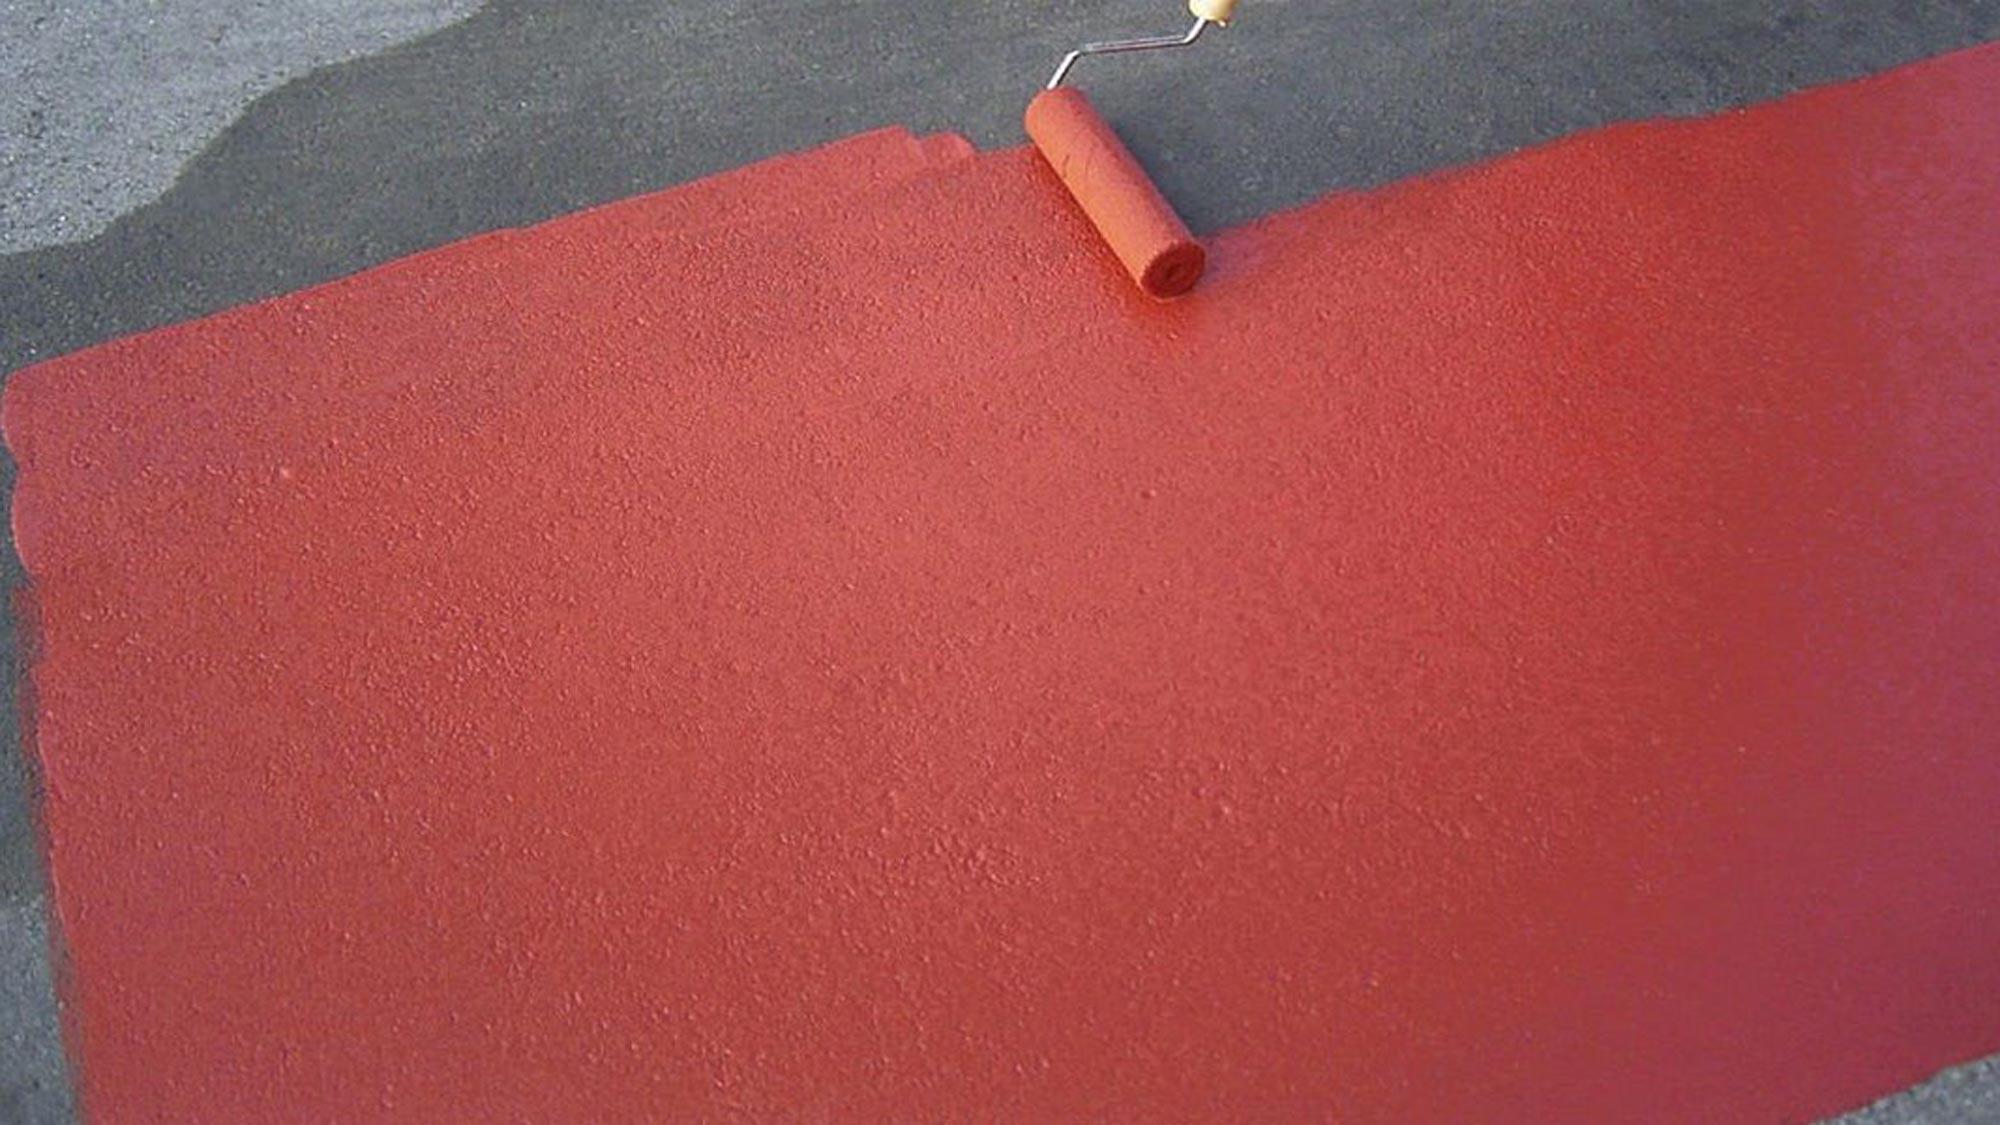 Vernice per cemento | Cosa è, come si utilizza, quanto costa